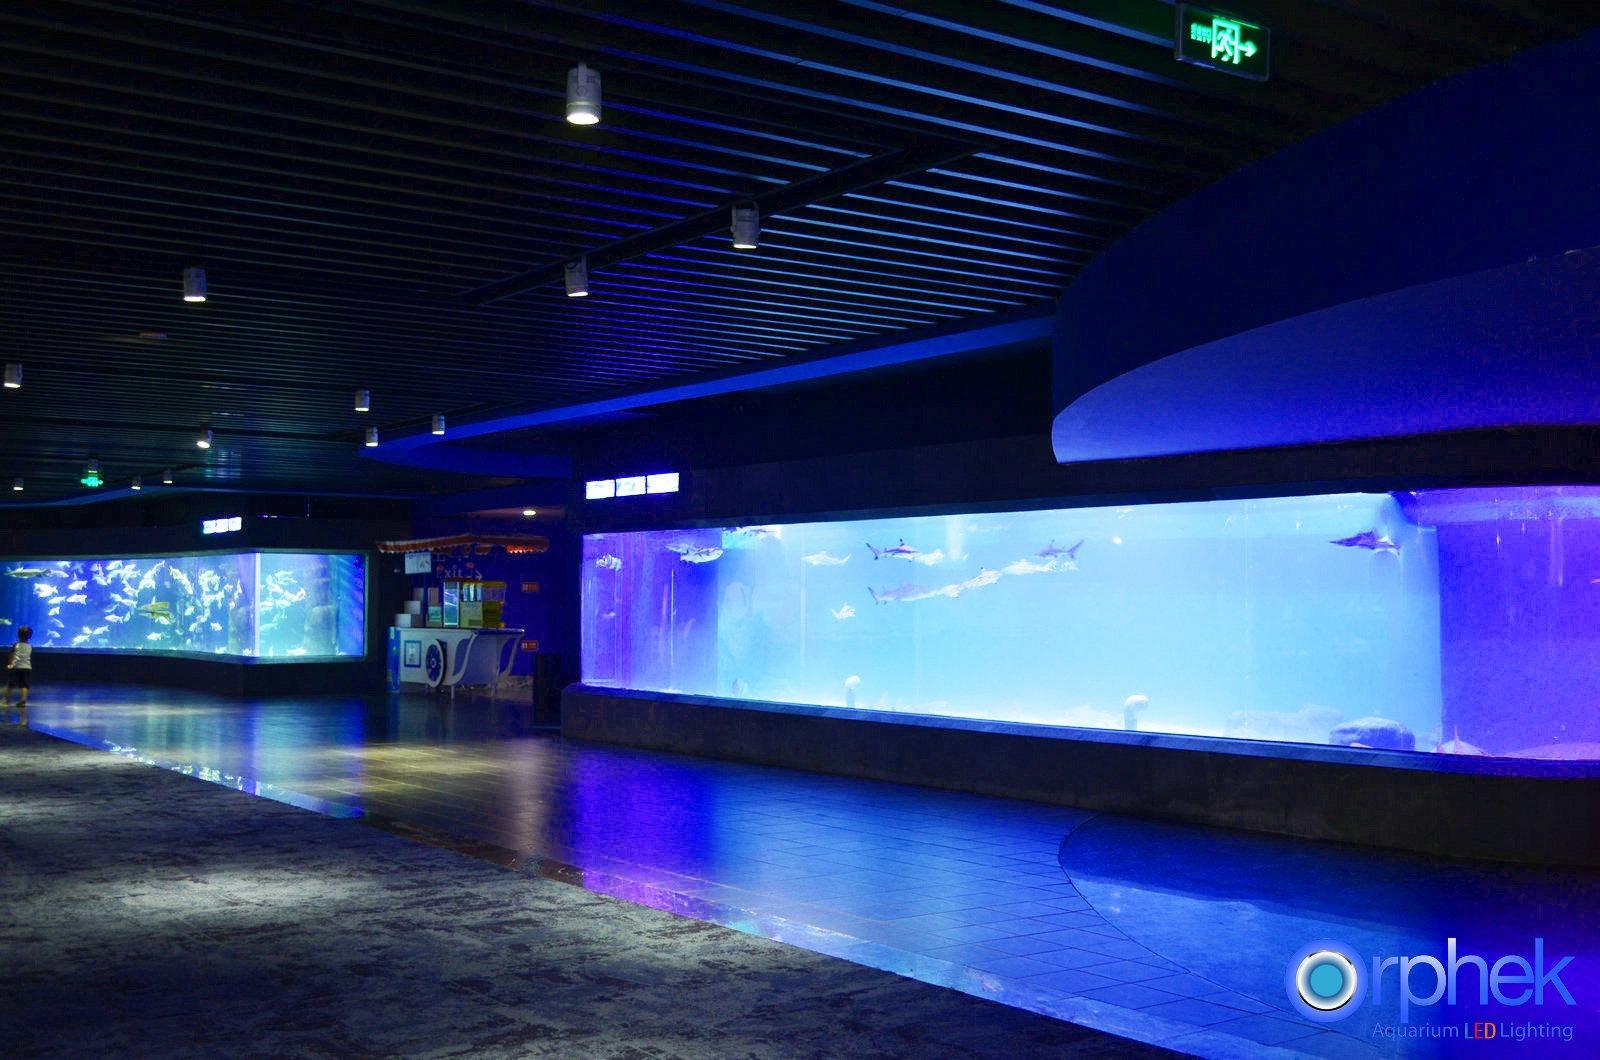 projet d 39 clairage led d 39 aquarium public de chengdu clairage led d 39 aquarium orphek. Black Bedroom Furniture Sets. Home Design Ideas